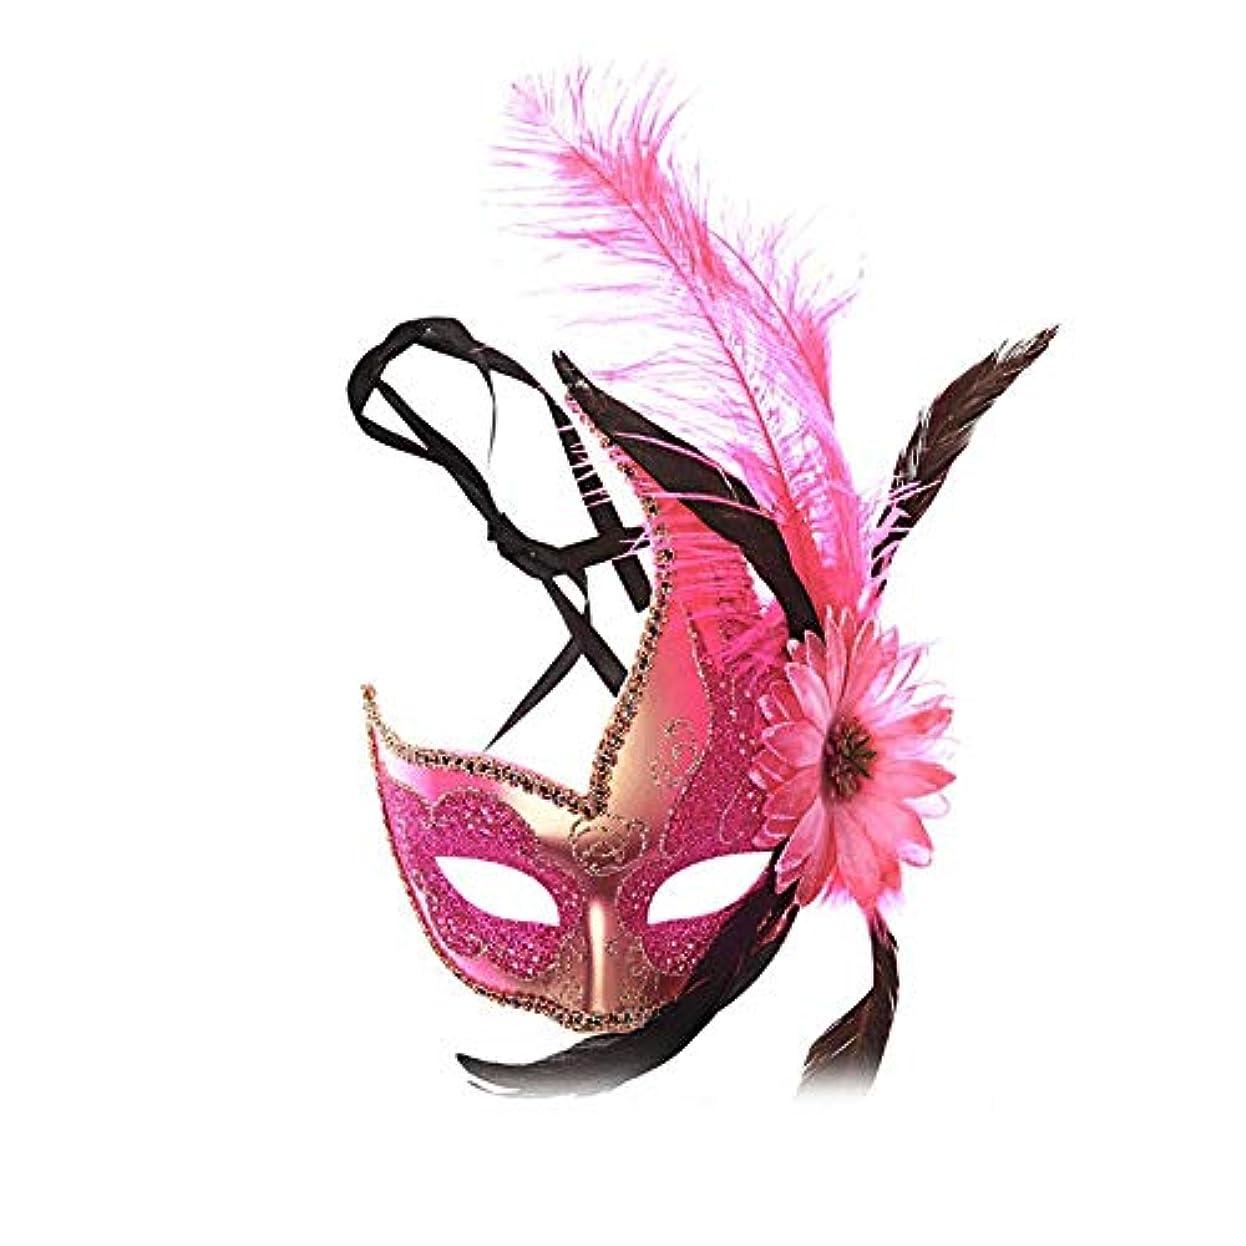 エンティティ病んでいる何よりもNanle ハロウィンマスクハーフフェザーマスクベニスプリンセスマスク美容レース仮面ライダーコスプレ (色 : Style B rose red)